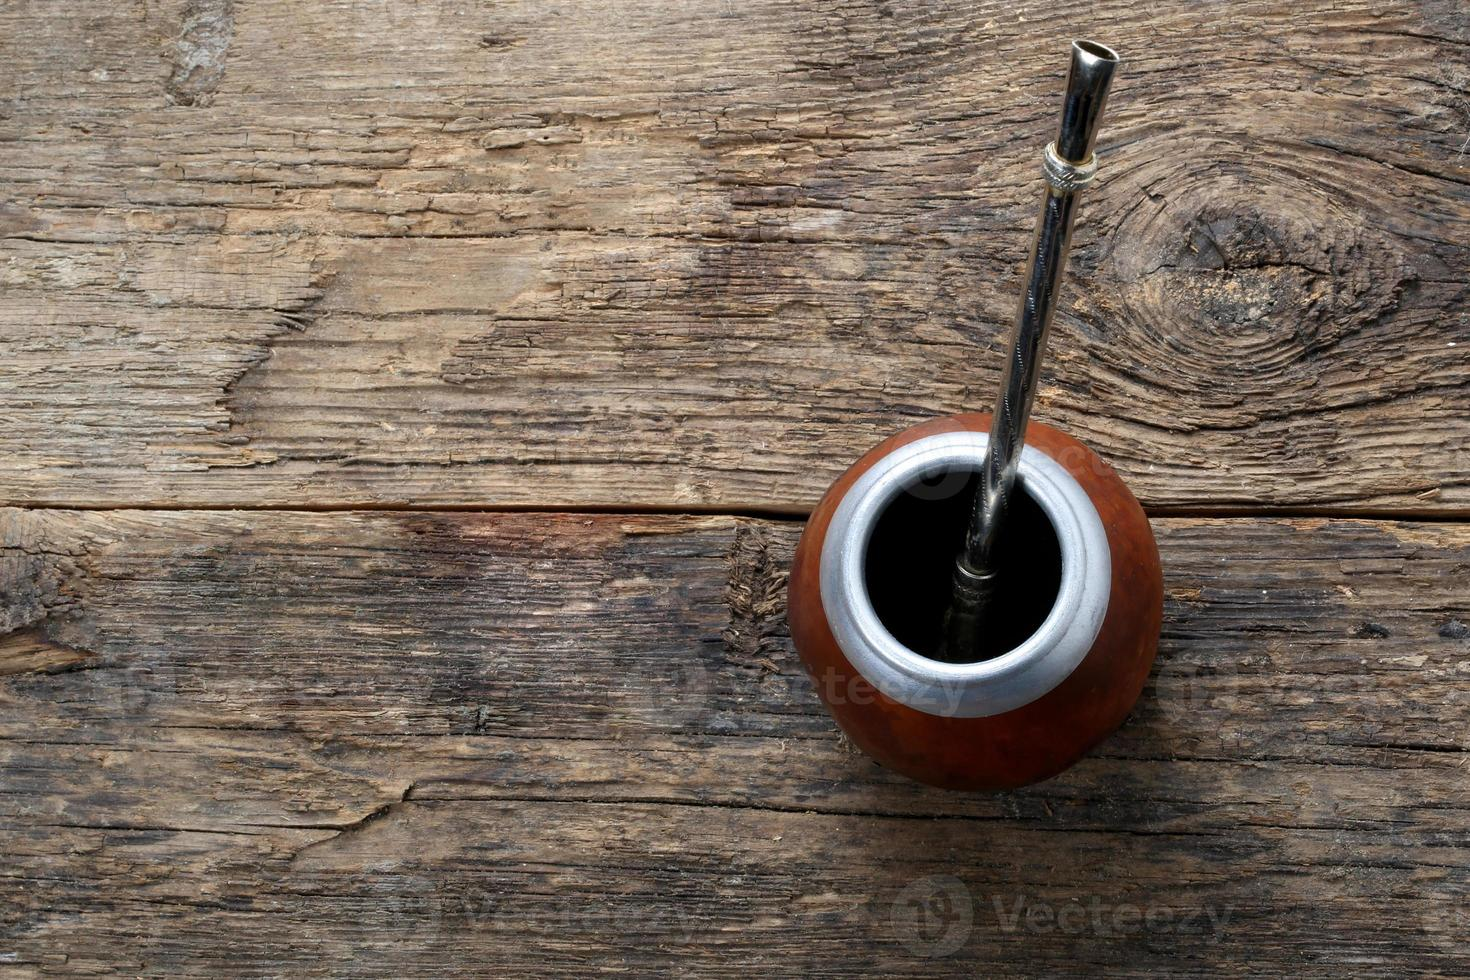 compagno di tè su fondo in legno foto